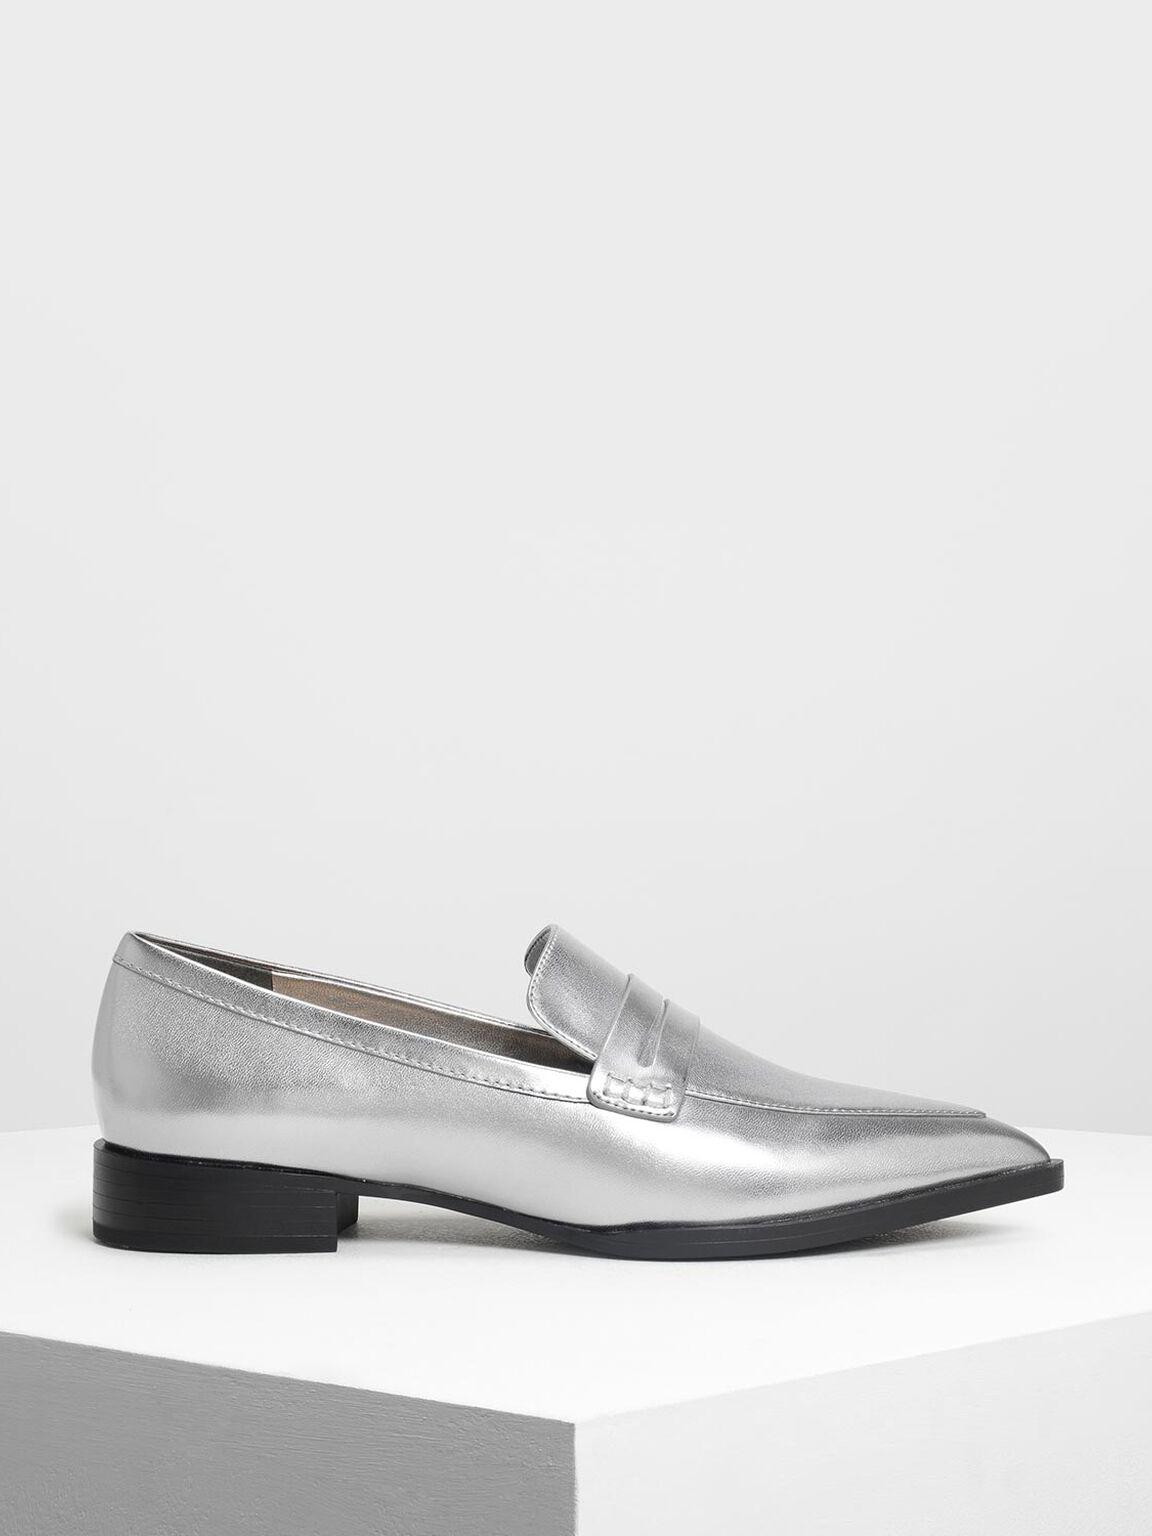 尖頭樂福鞋, 銀色, hi-res